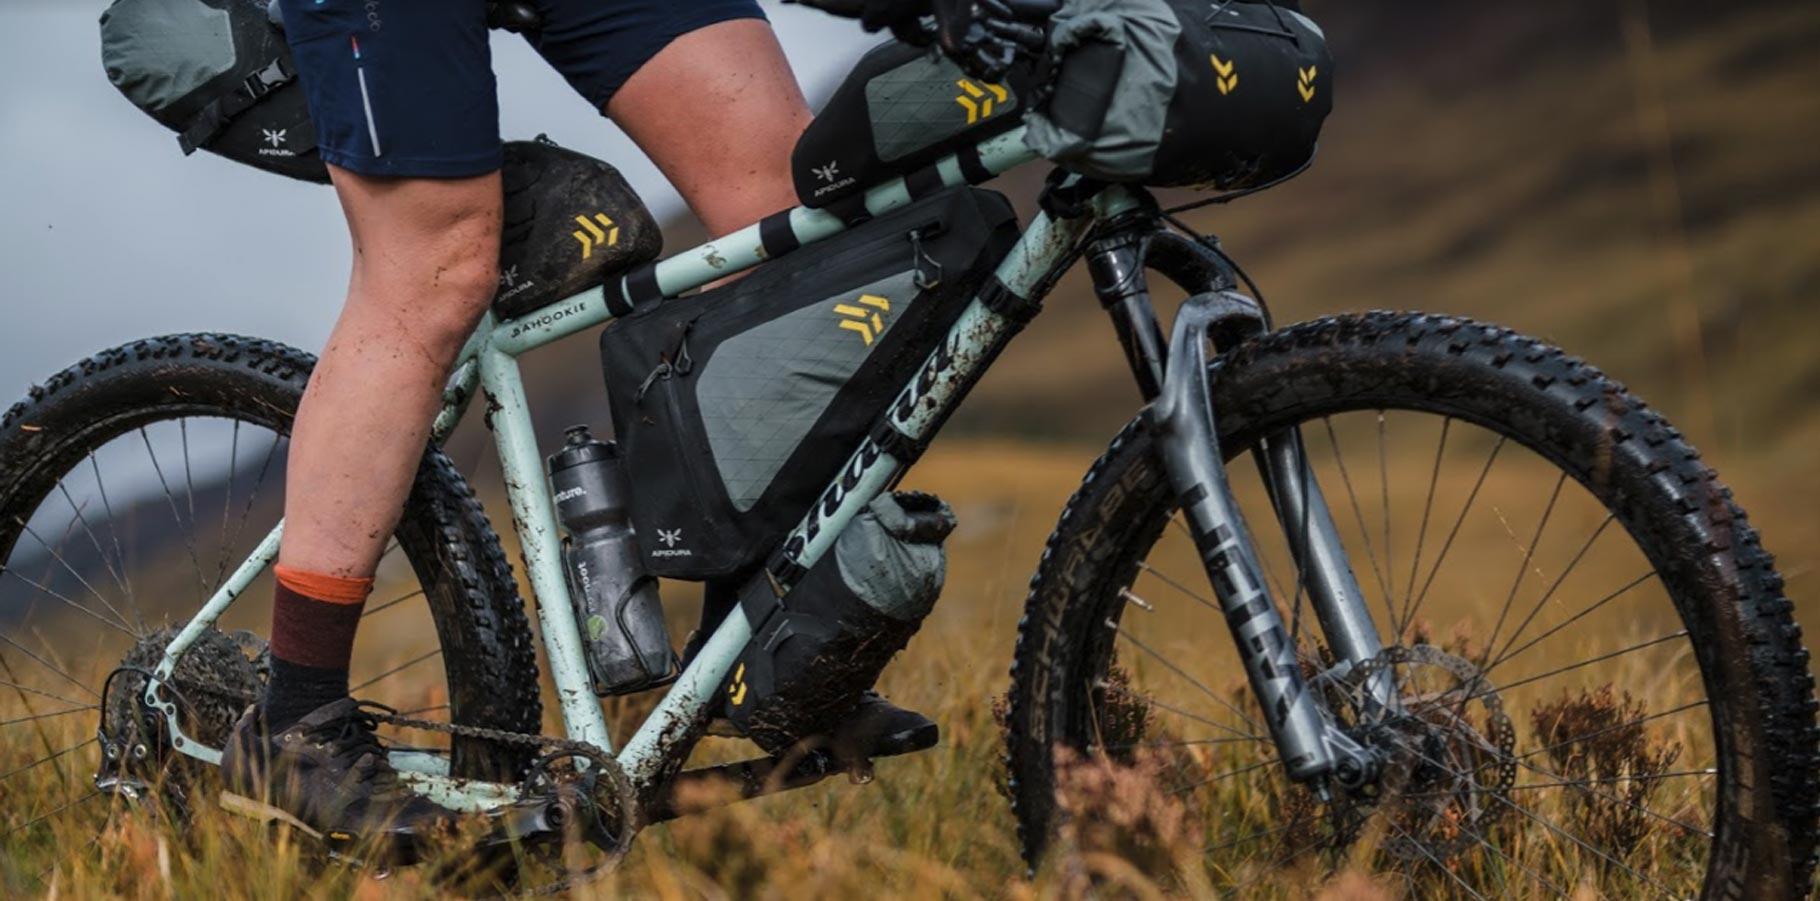 Vylepšené nepromokavé brašny pro bikepacking - Apidura New Backcountry